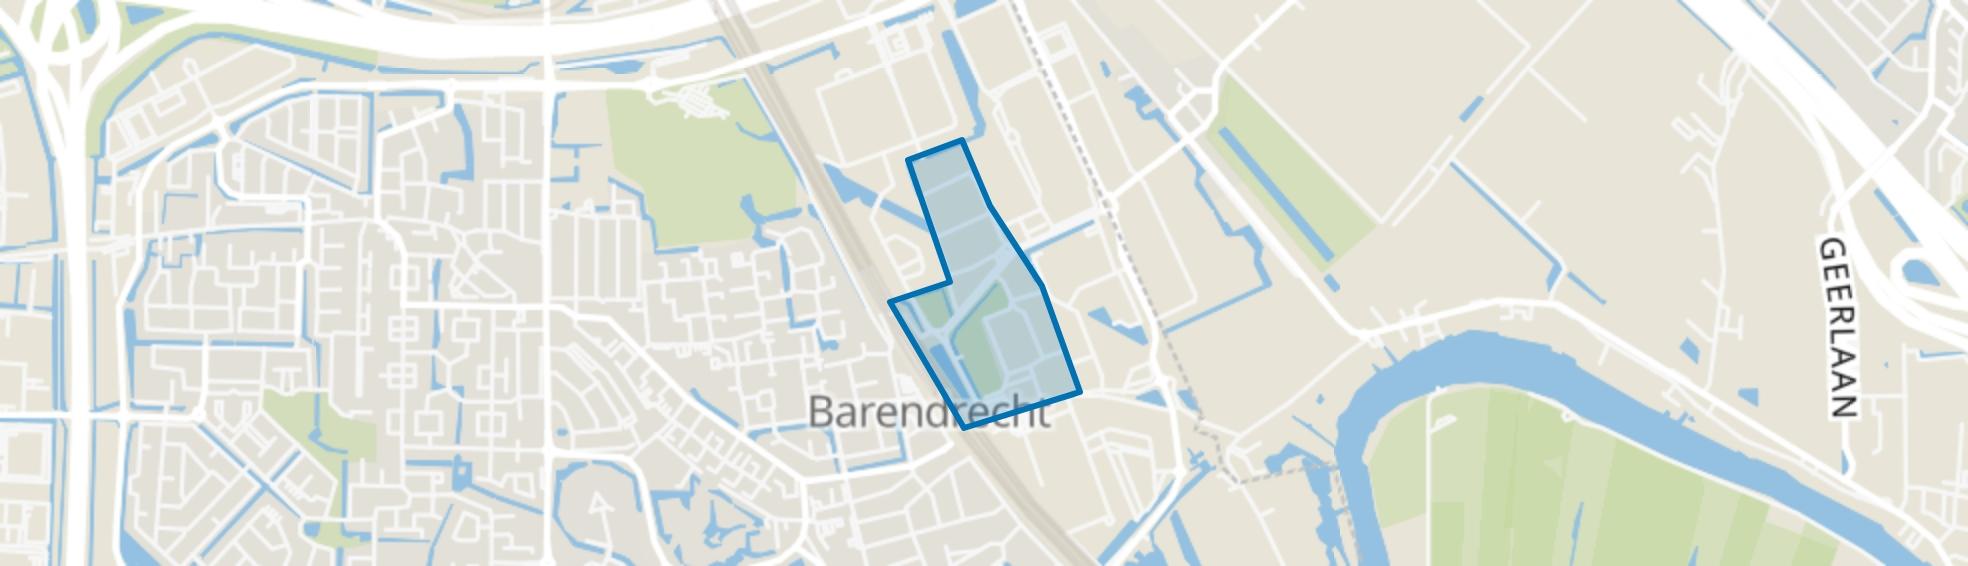 BT Handelscentrum, Barendrecht map